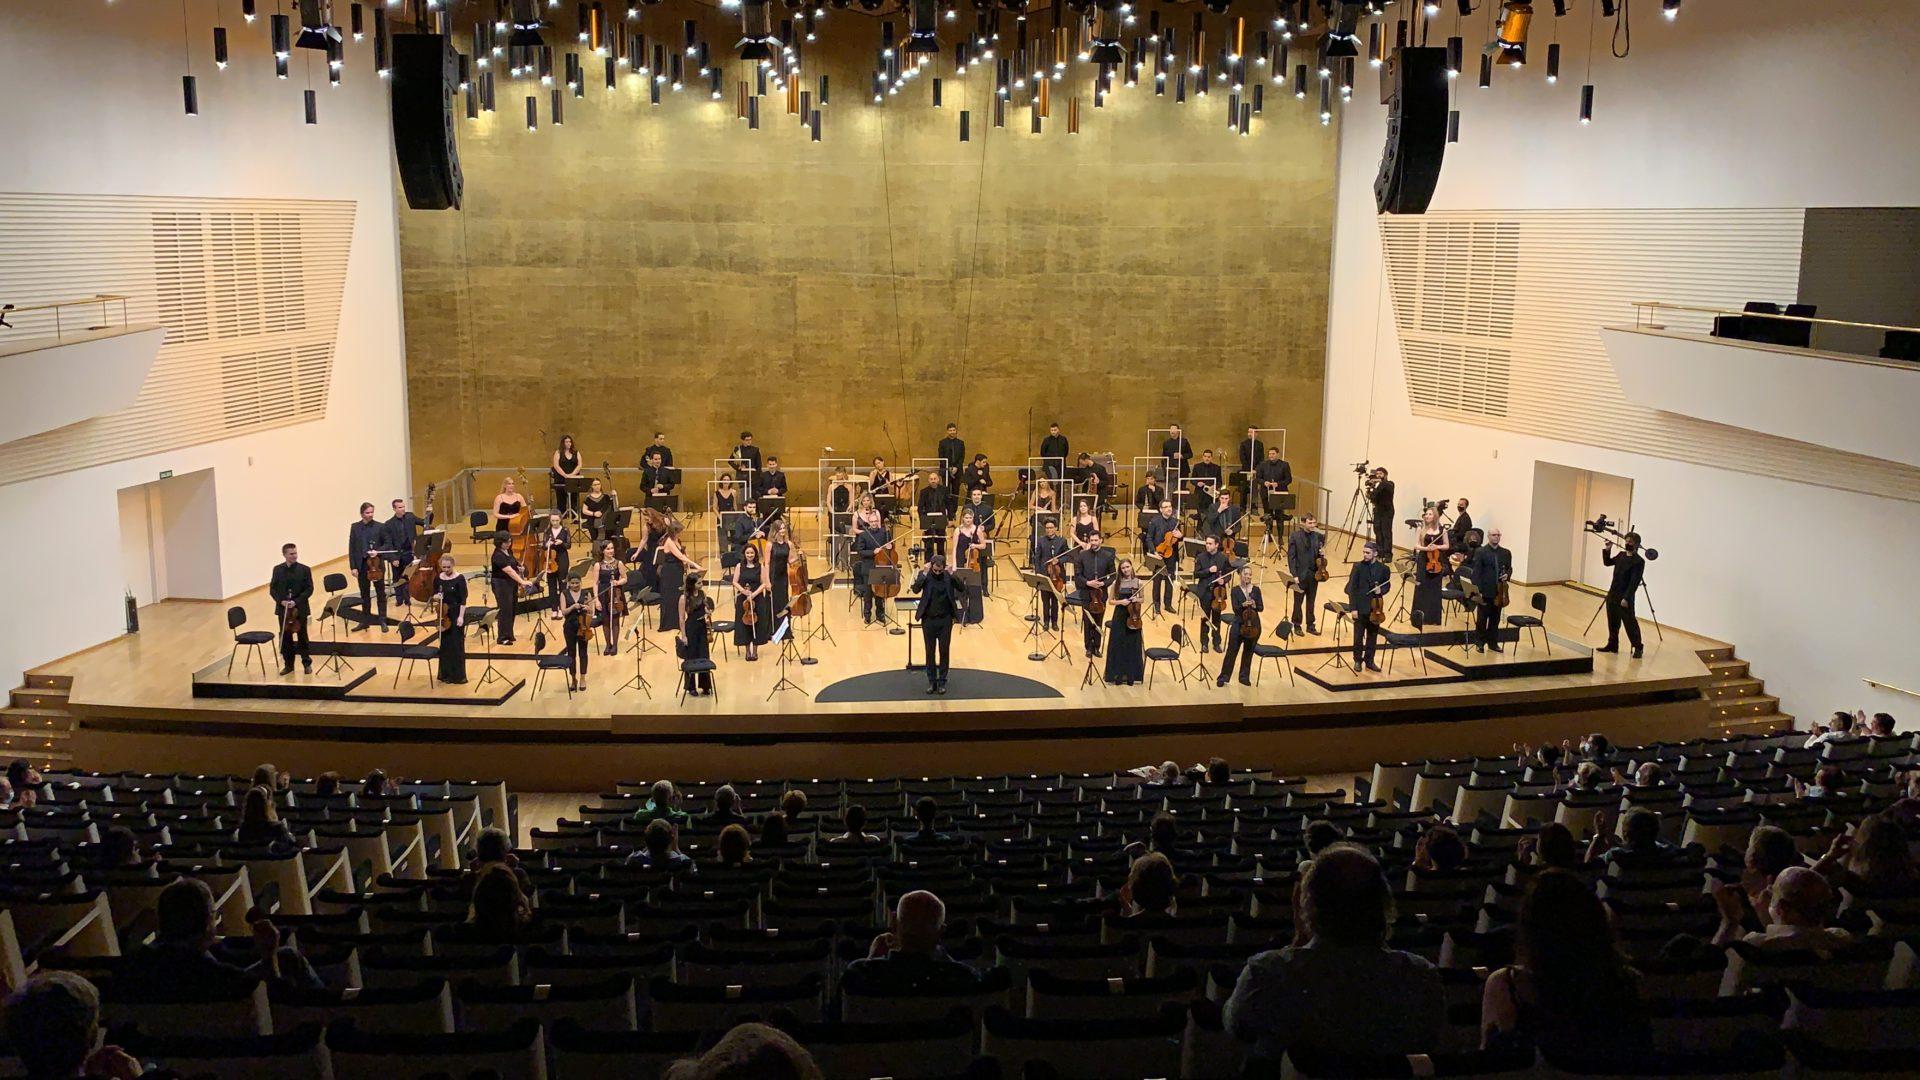 Orquesta ADDA Simfonica de Alicante